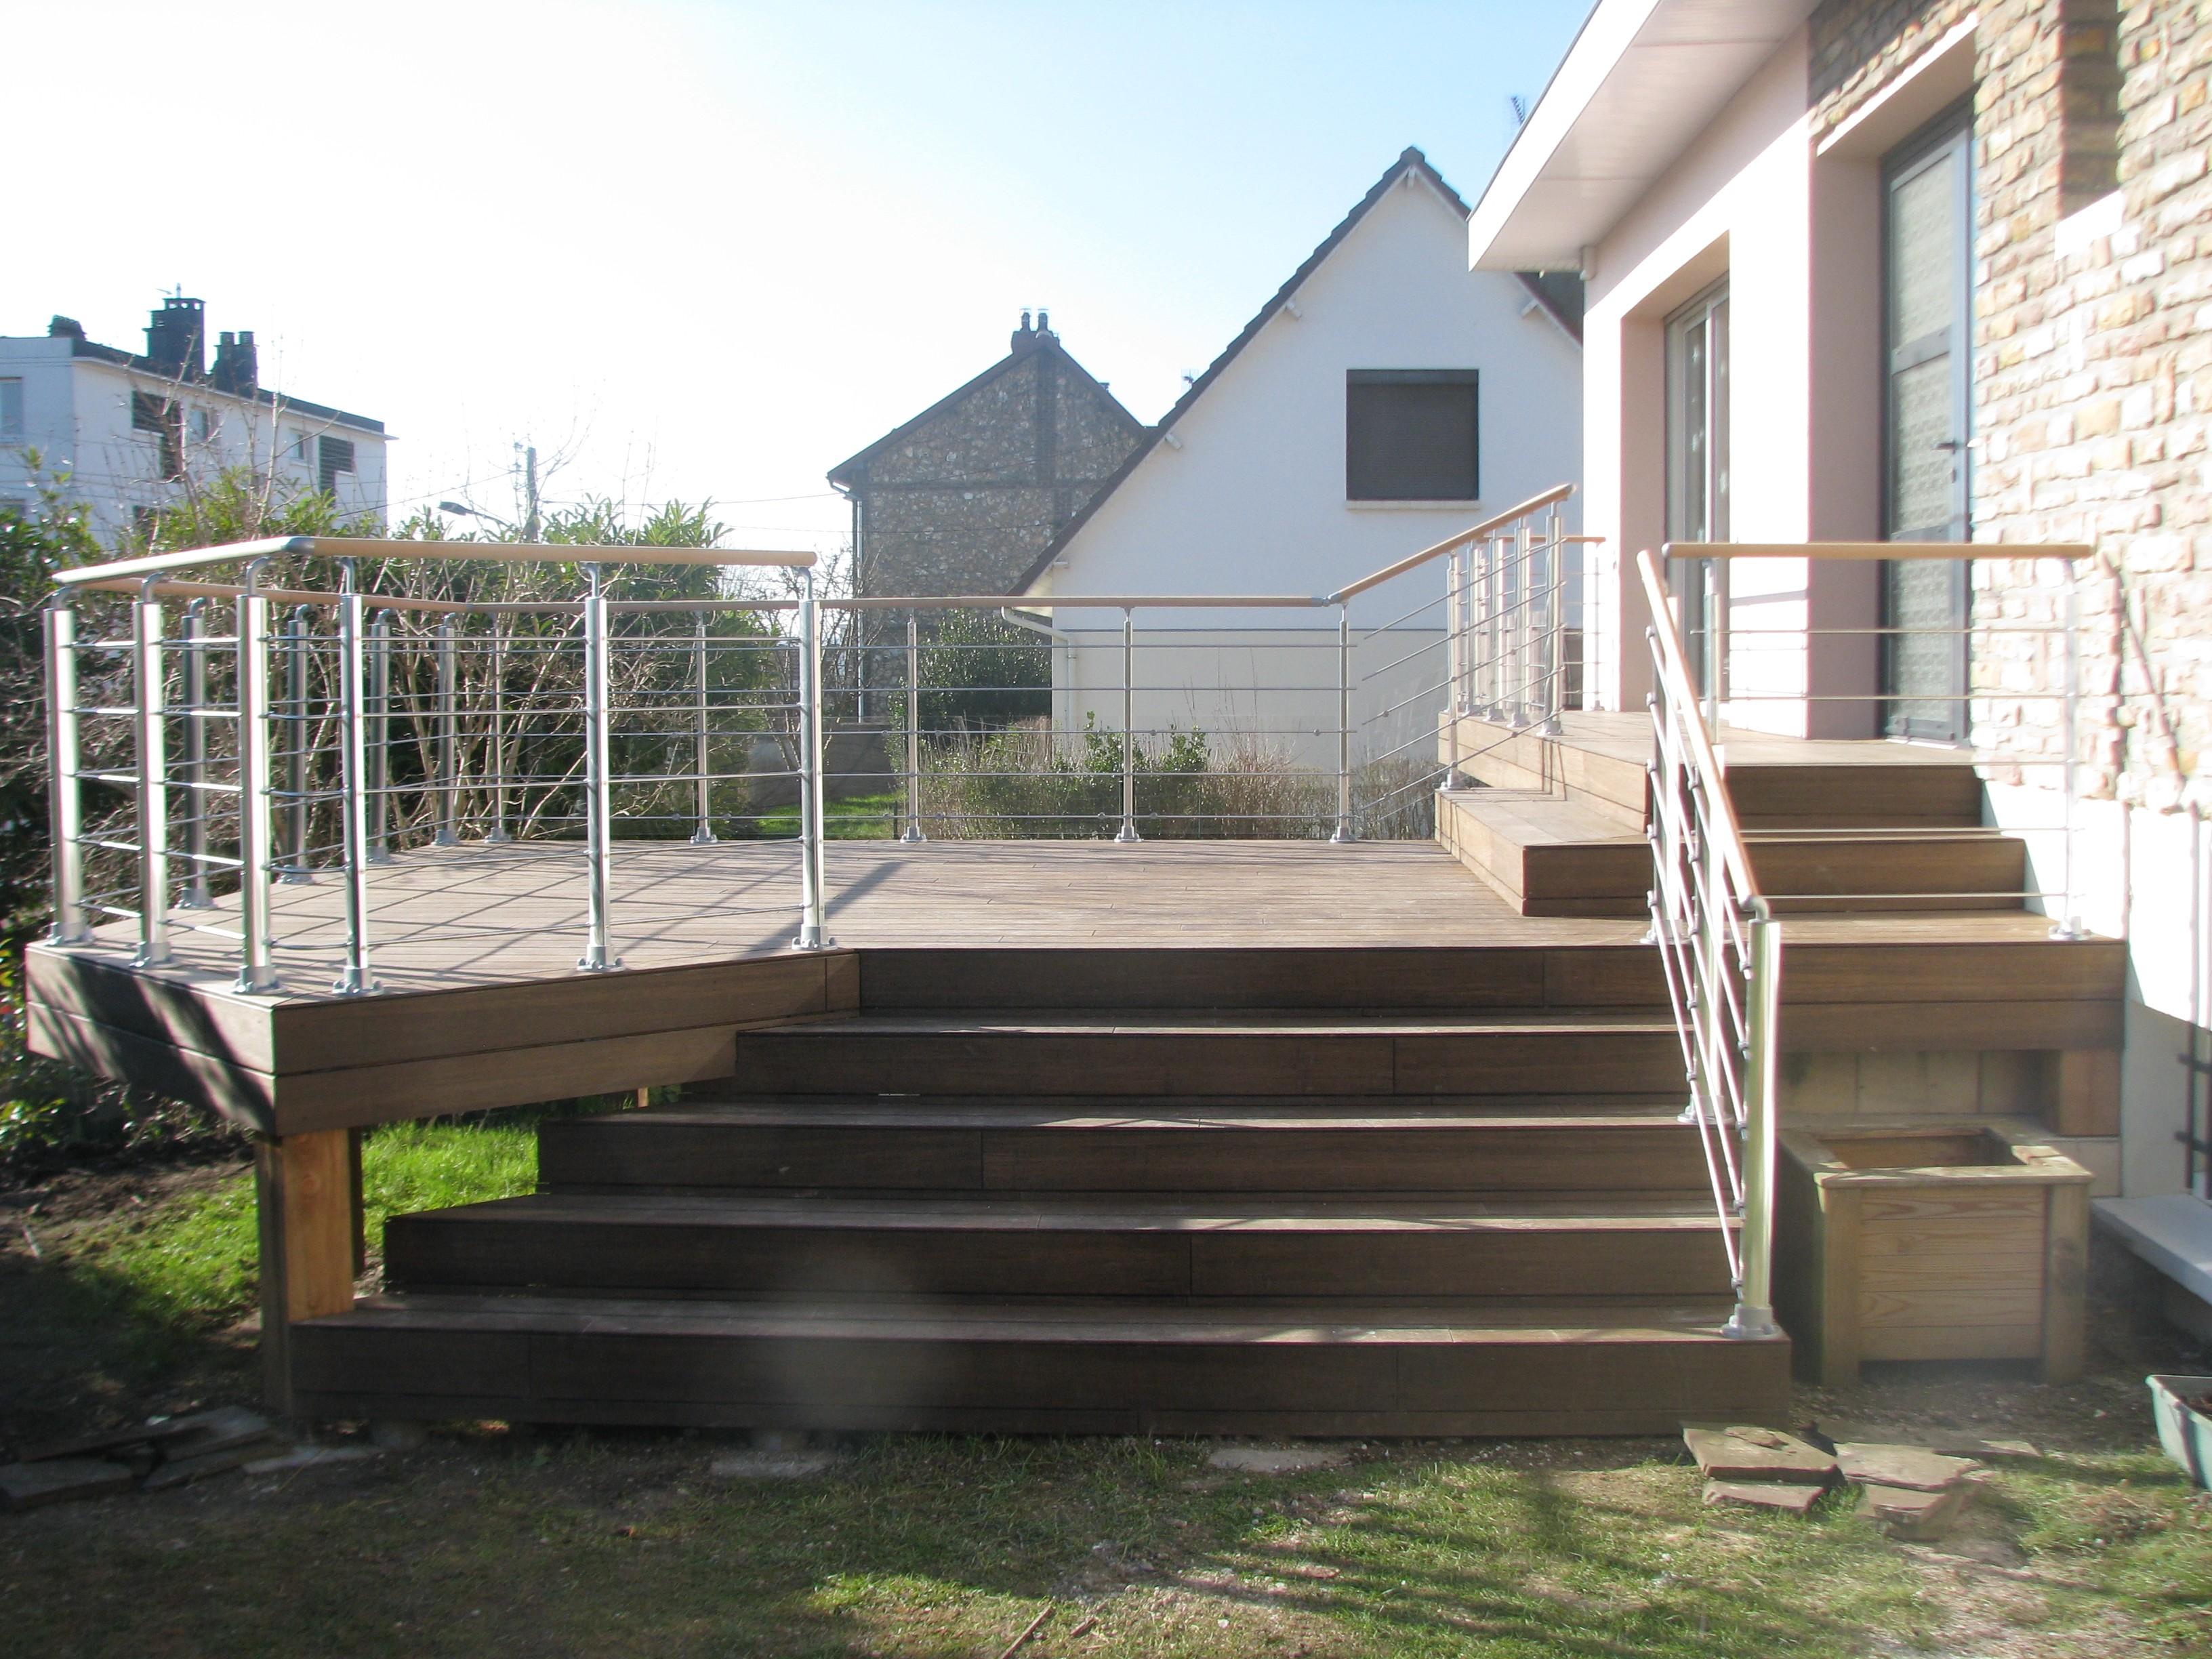 un balcon et une entr e regroup s en une terrasse sur plusieurs niveaux dmeba charpentier. Black Bedroom Furniture Sets. Home Design Ideas